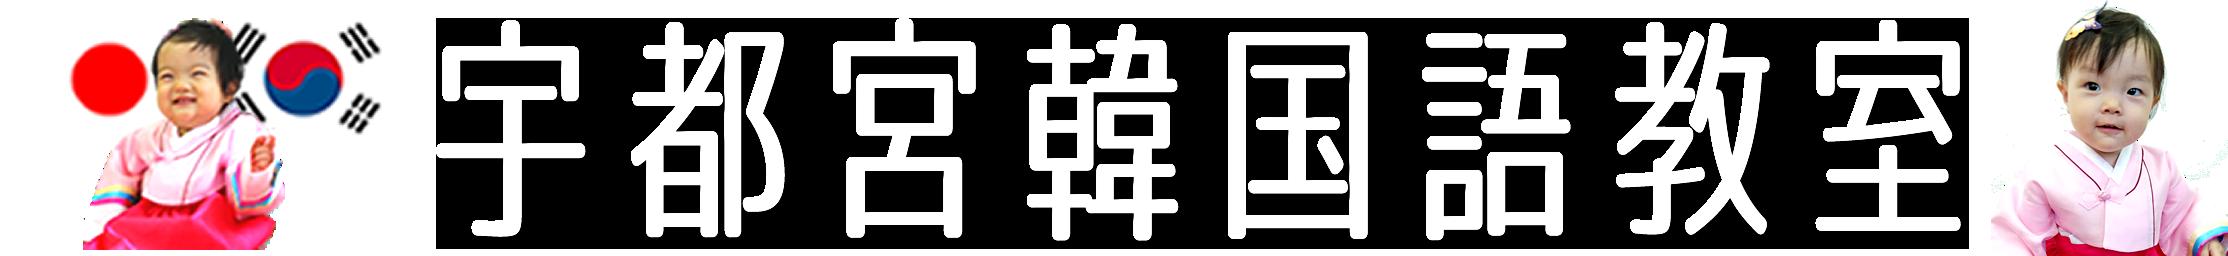 【マンツーマン指導】 宇都宮韓国語教室